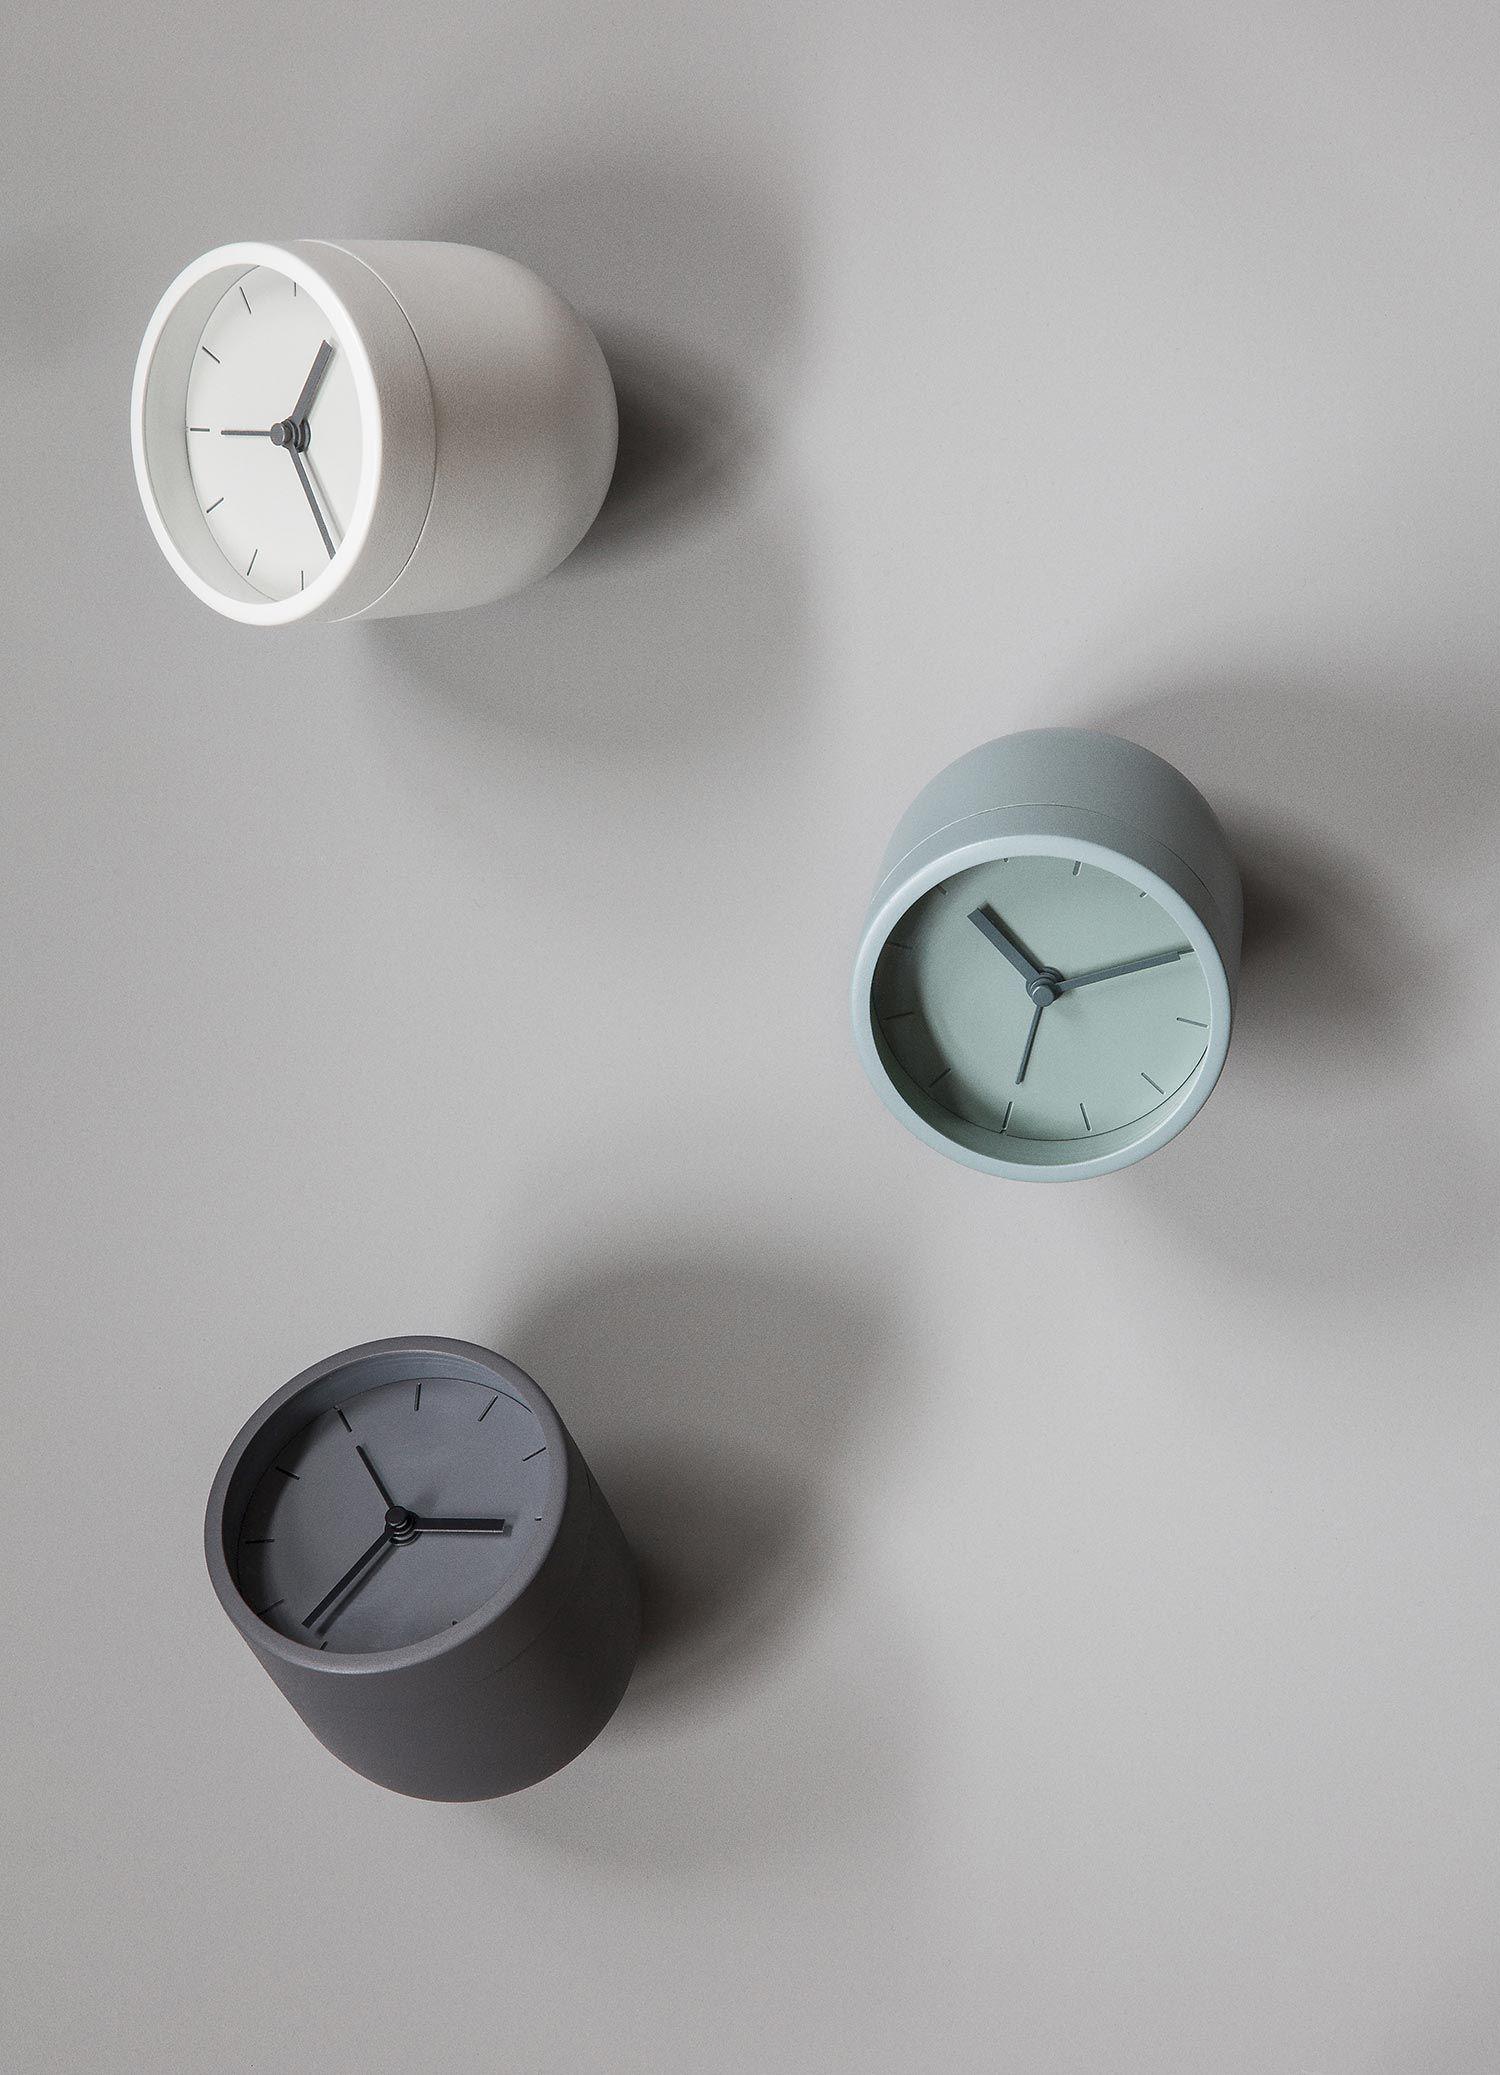 Tumbler Alarm Clock Gessato Alarm Clock Design Alarm Clock Clock Design